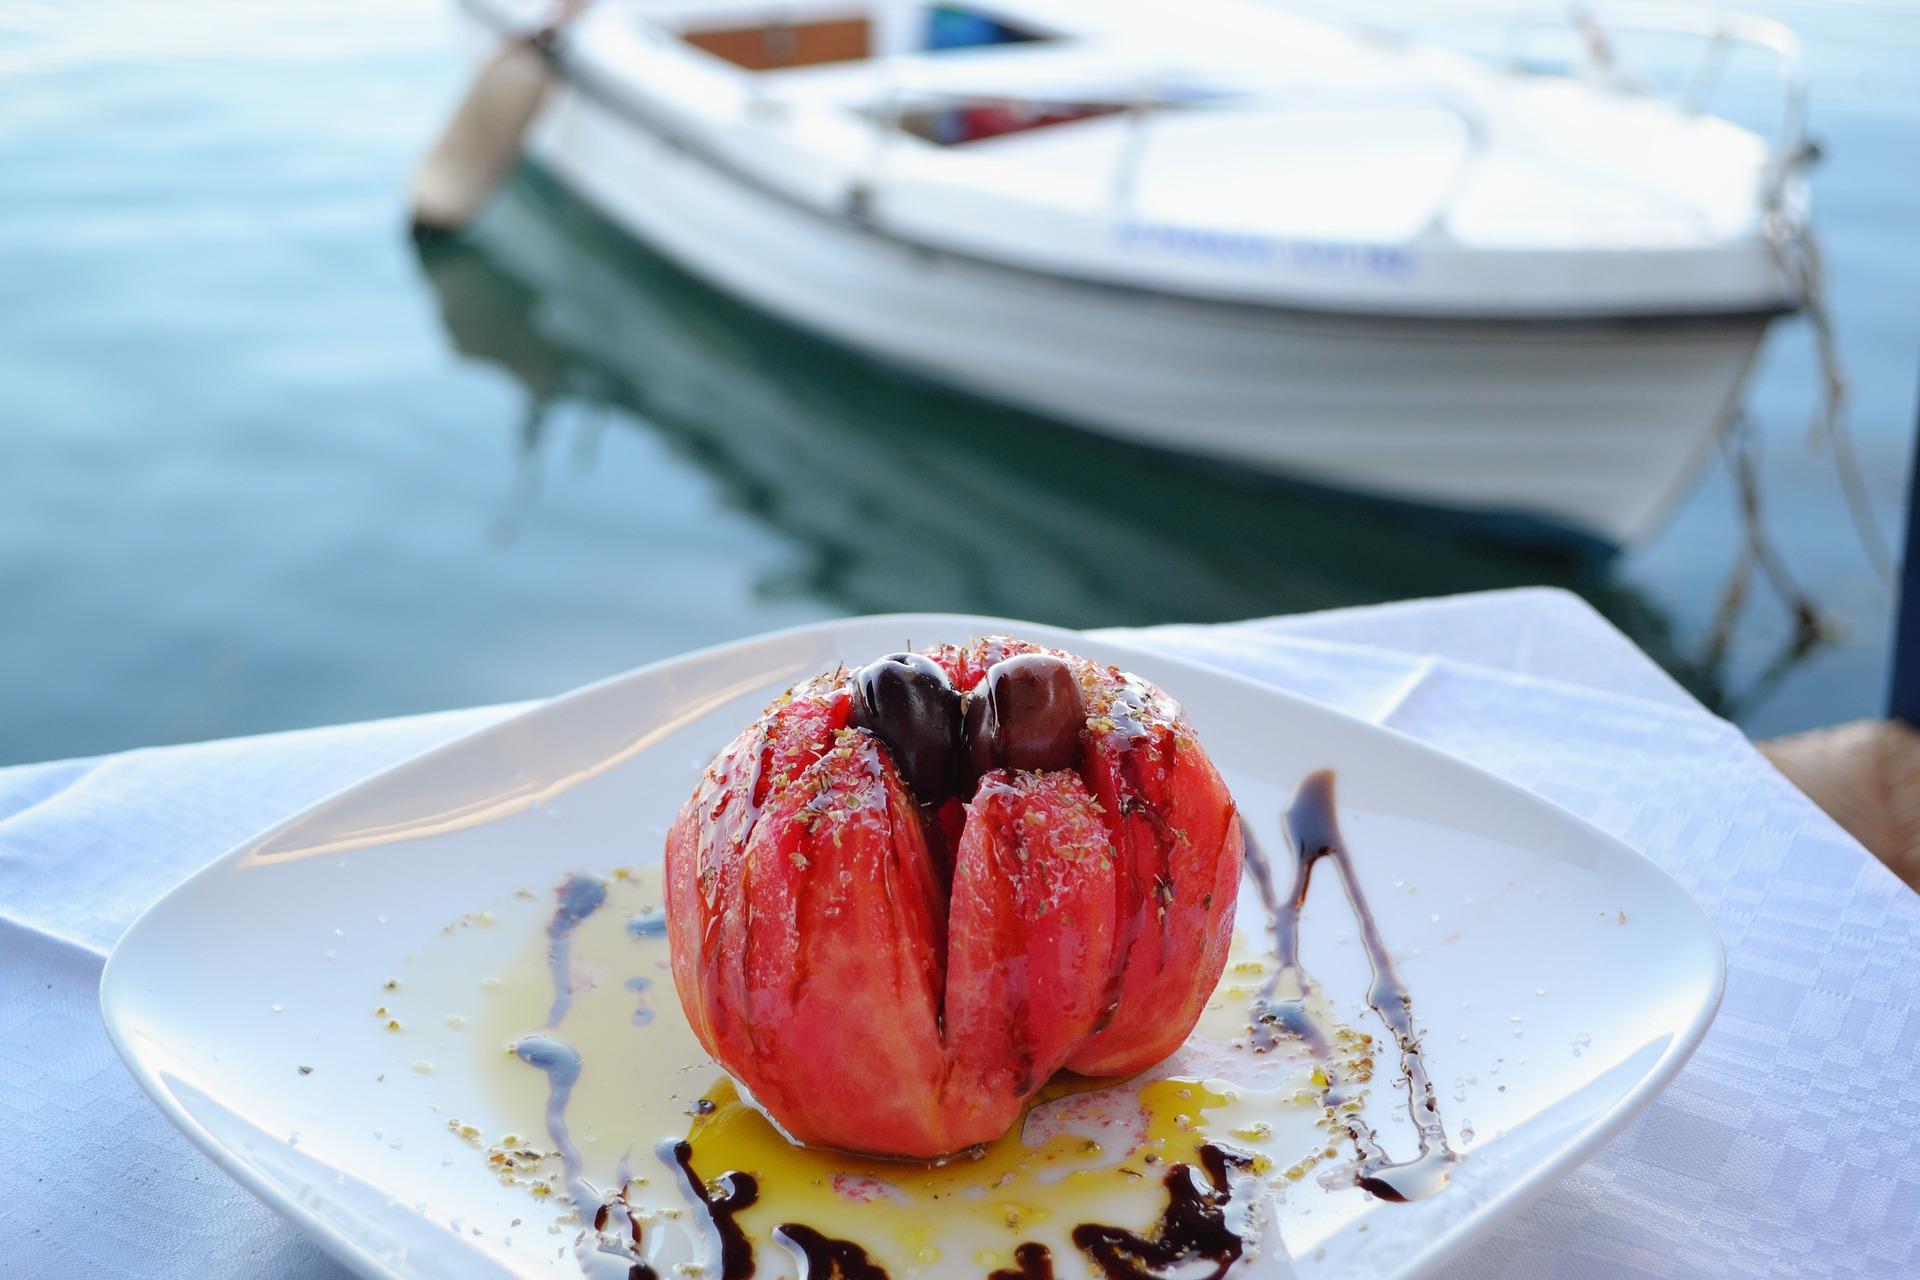 Salade de tomates grecque - DanaTentis de Pixabay